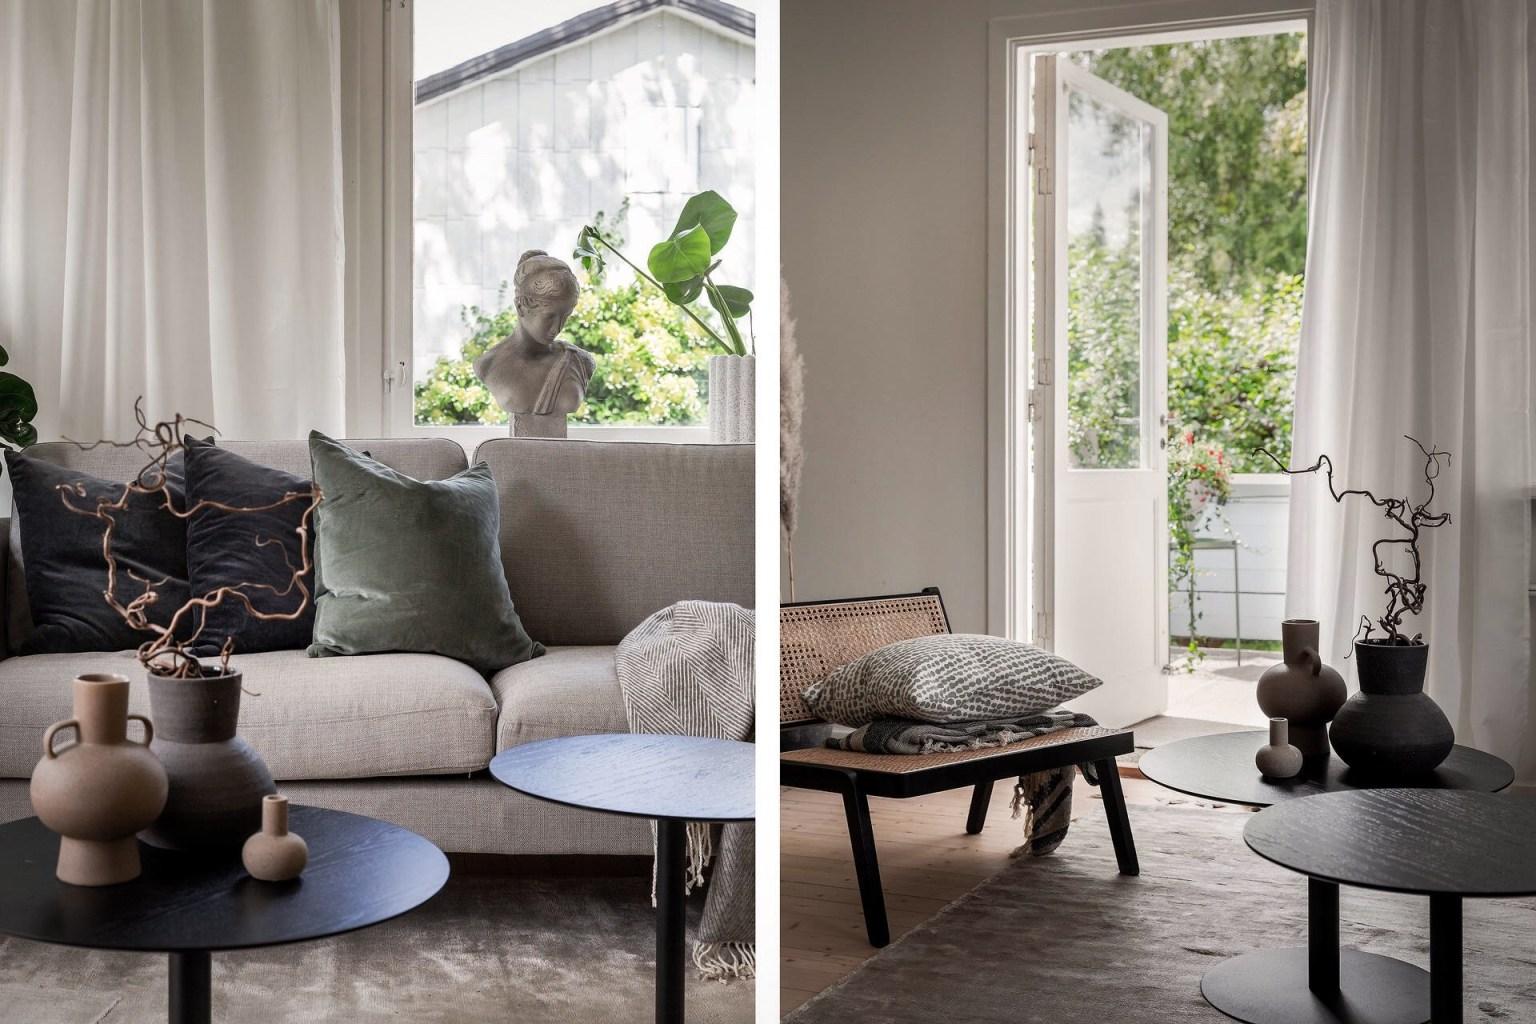 """9 living room details 1605688715364233192443 - Căn nhà cấp 4 màu xanh da trời nhìn ngoài thì bình thường mà bên trong khiến ai cũng """"sững sờ"""""""